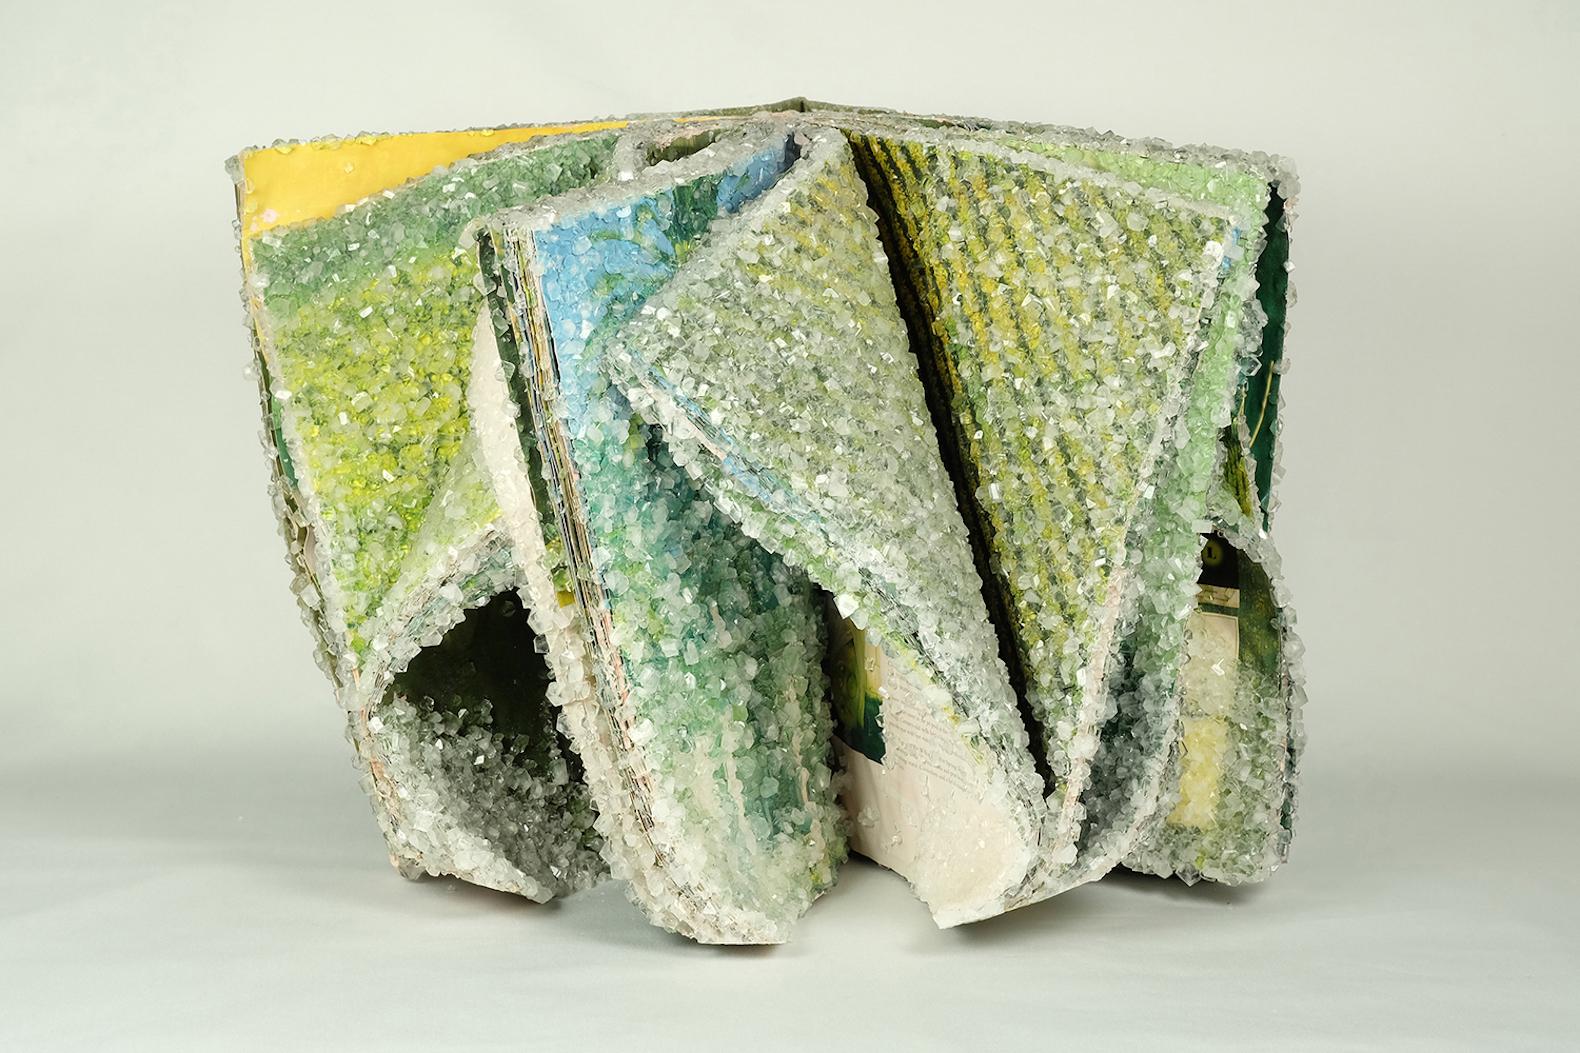 I libri cristallizzati di Alexis Arnold | Collater.al